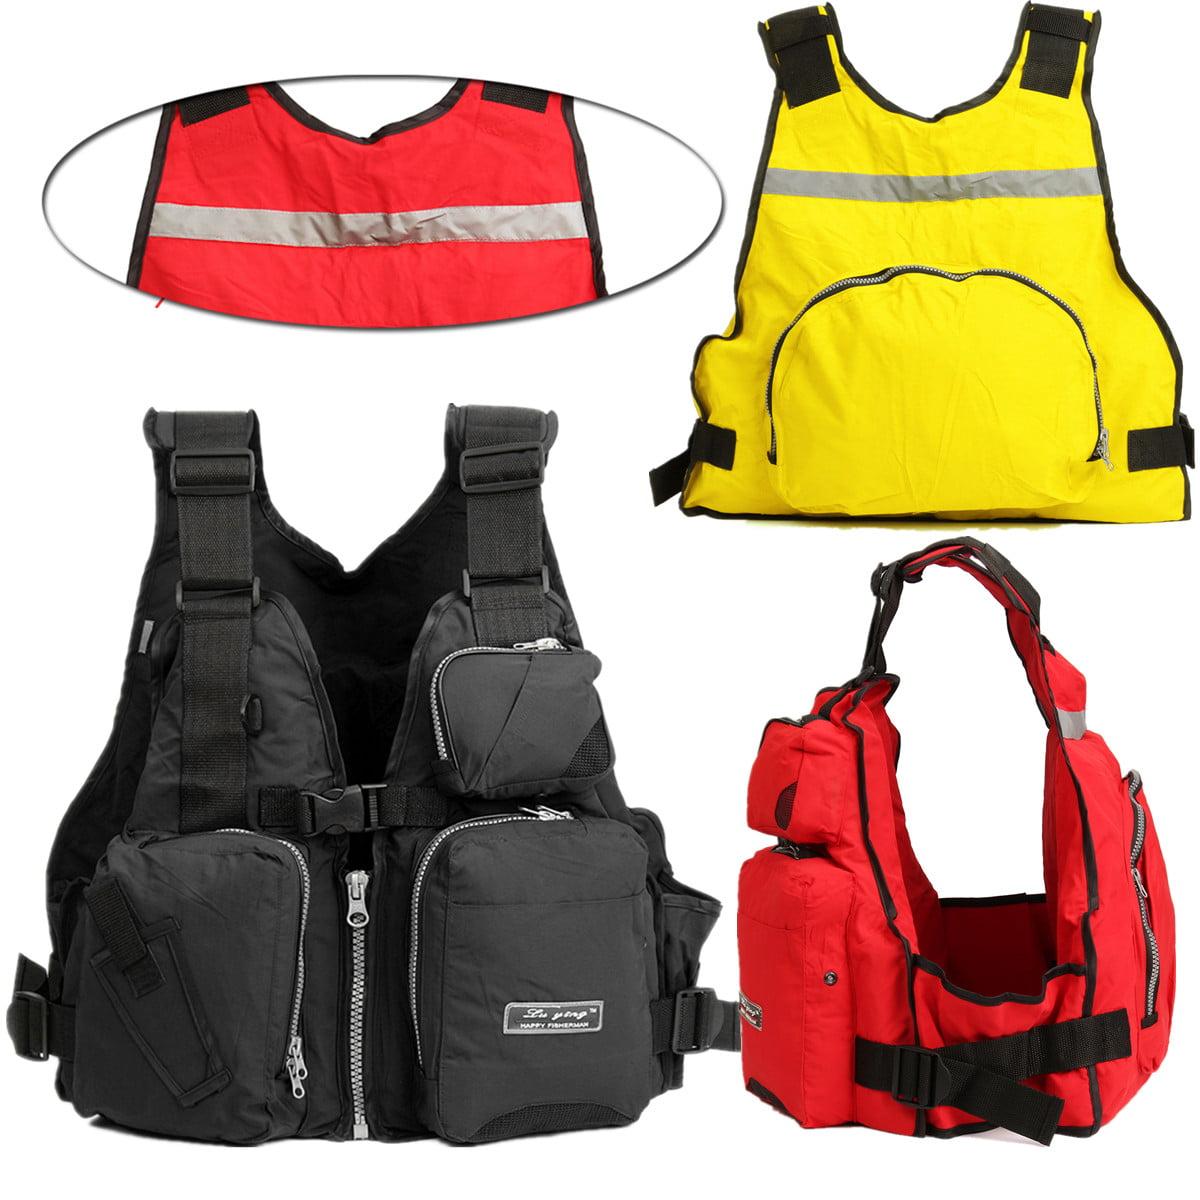 Unisex Adult EPE Outdoor Breathable Life Jacket Adjustable Marine Reflective Swimming Buoyancy Aid Sailing Kayak Canoeing Fly Fishing Life Jacket Vest with Multi Pocket